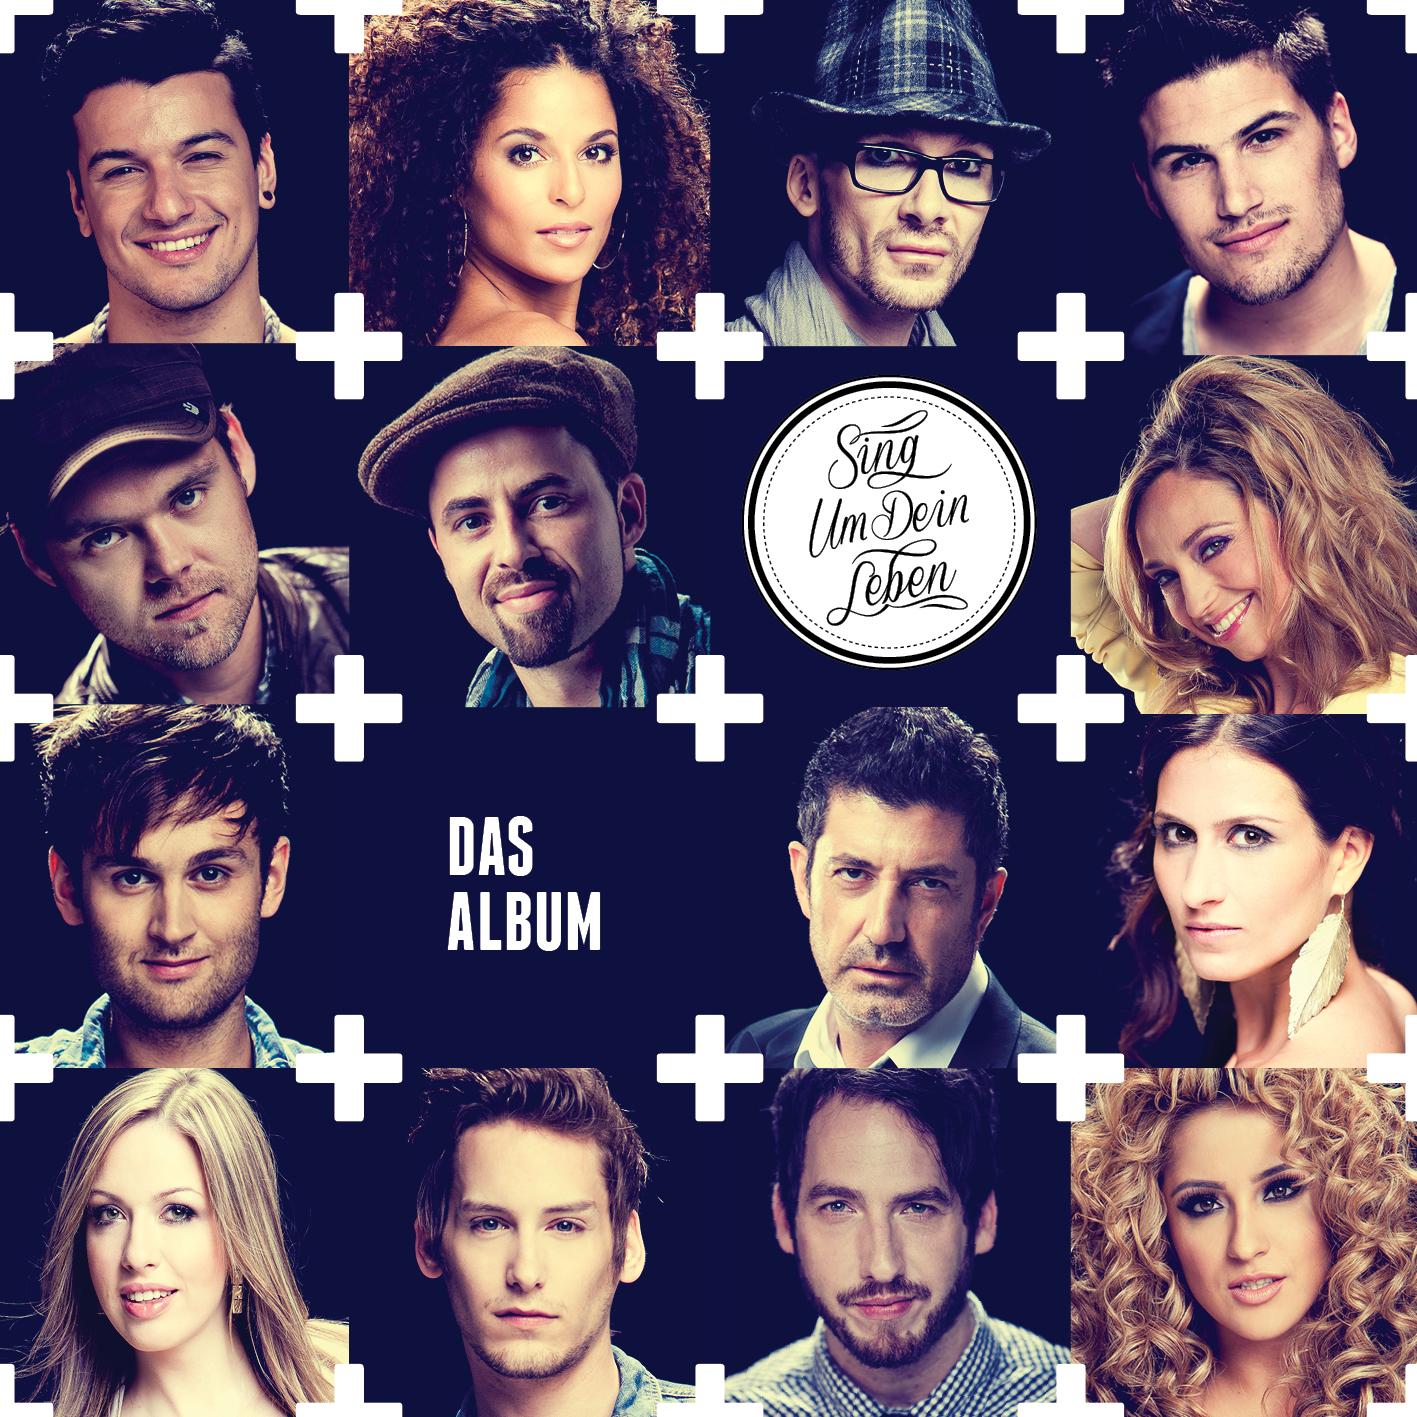 Sing um dein Leben – Das Album